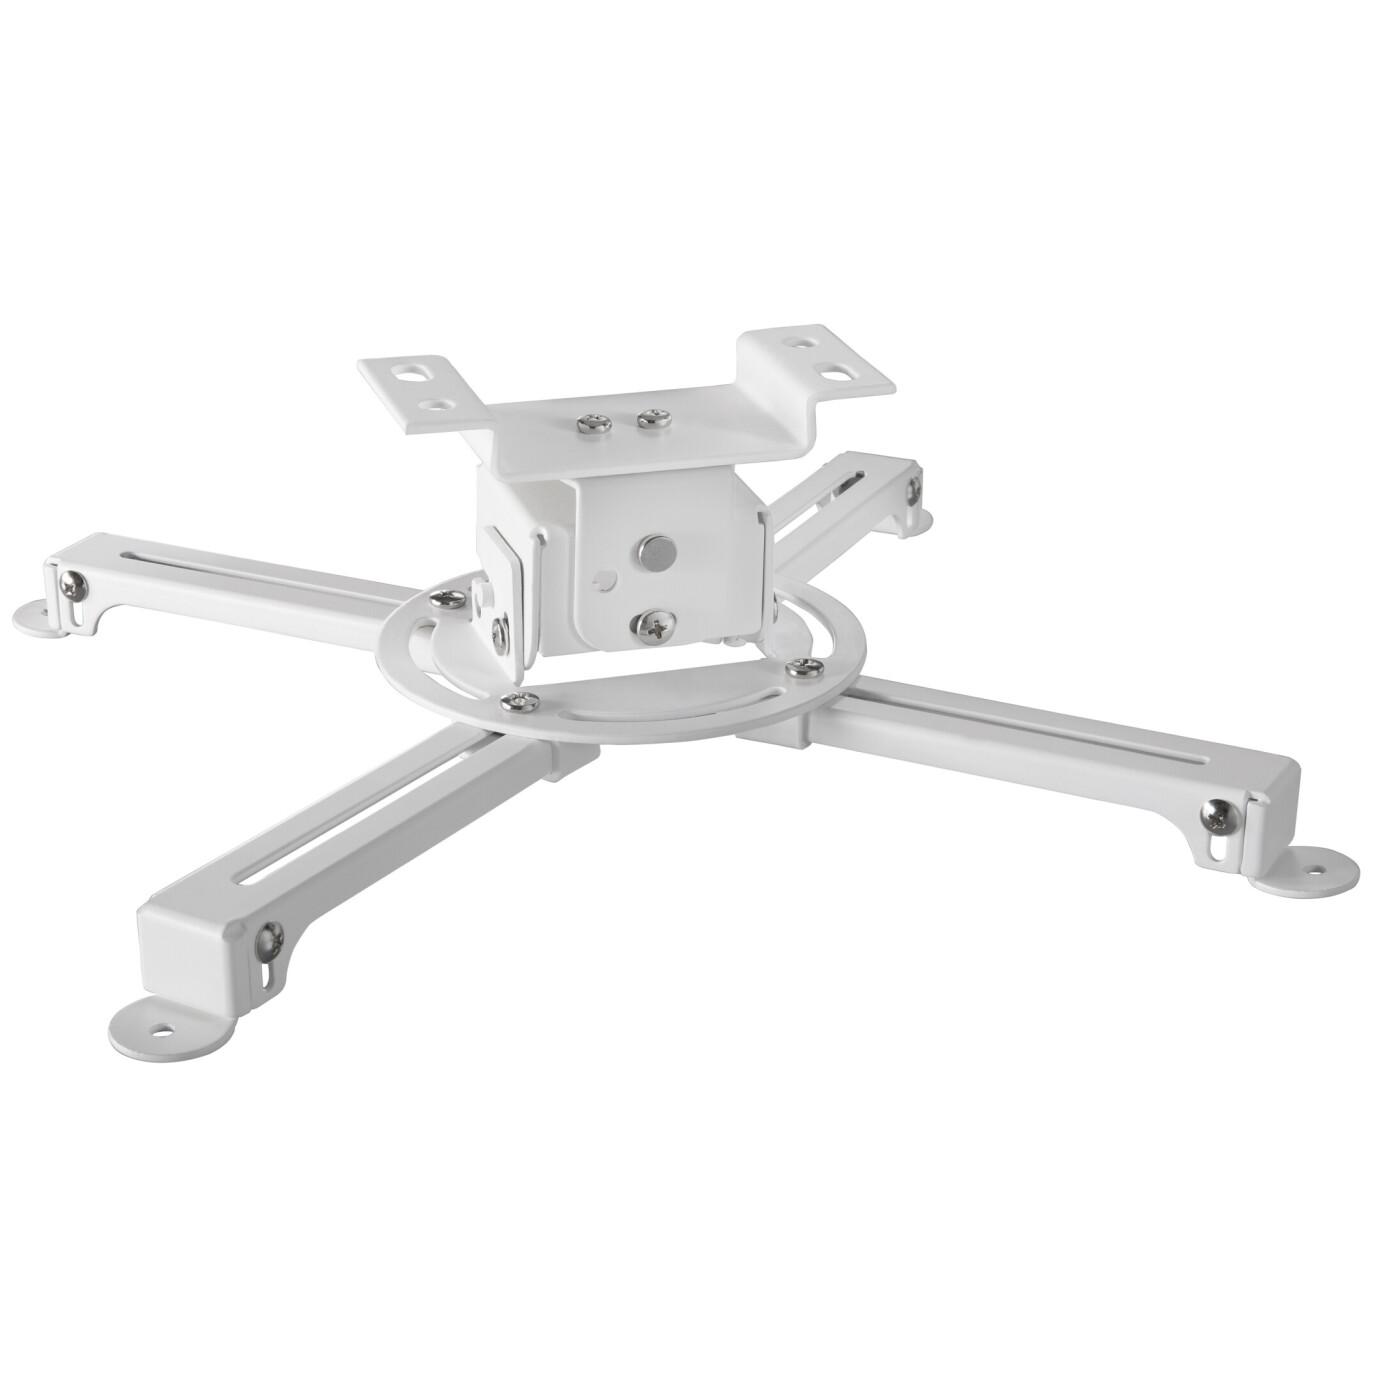 celexon universal ceiling mount MultiCel 1000 Pro white